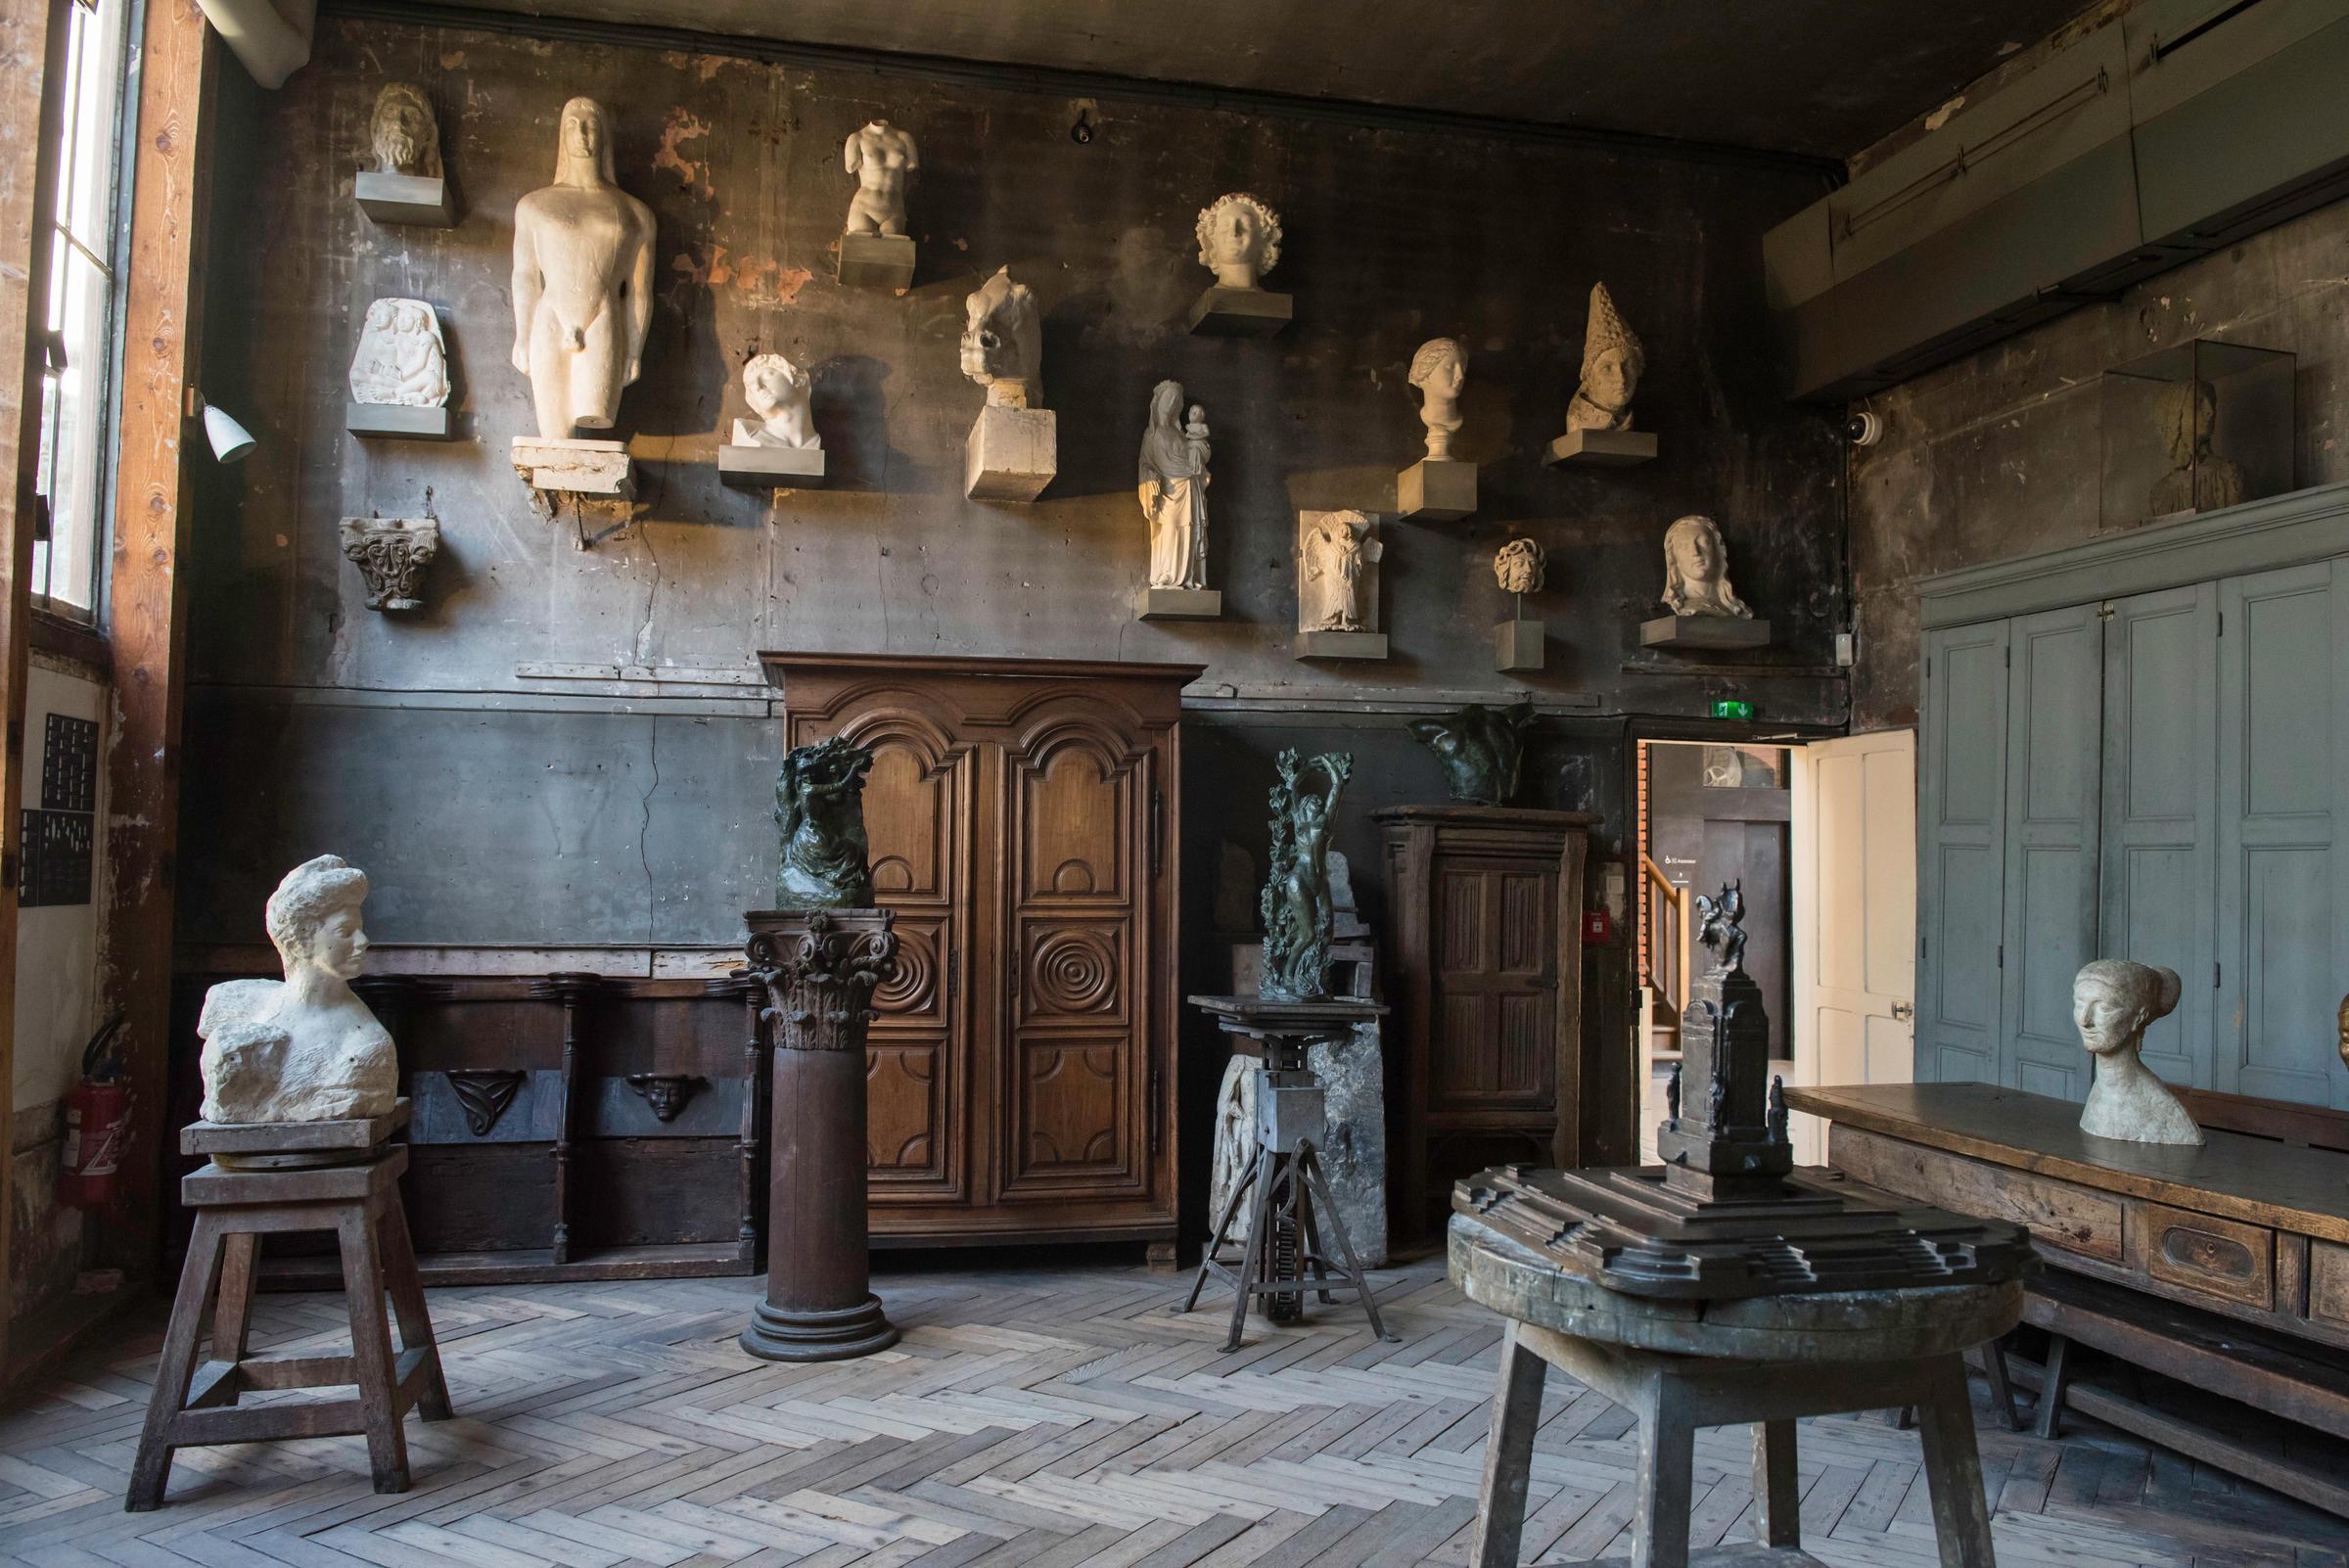 Dans l'intimité de l'atelier d'Antoine Bourdelle, sculpteur du XXe siècle